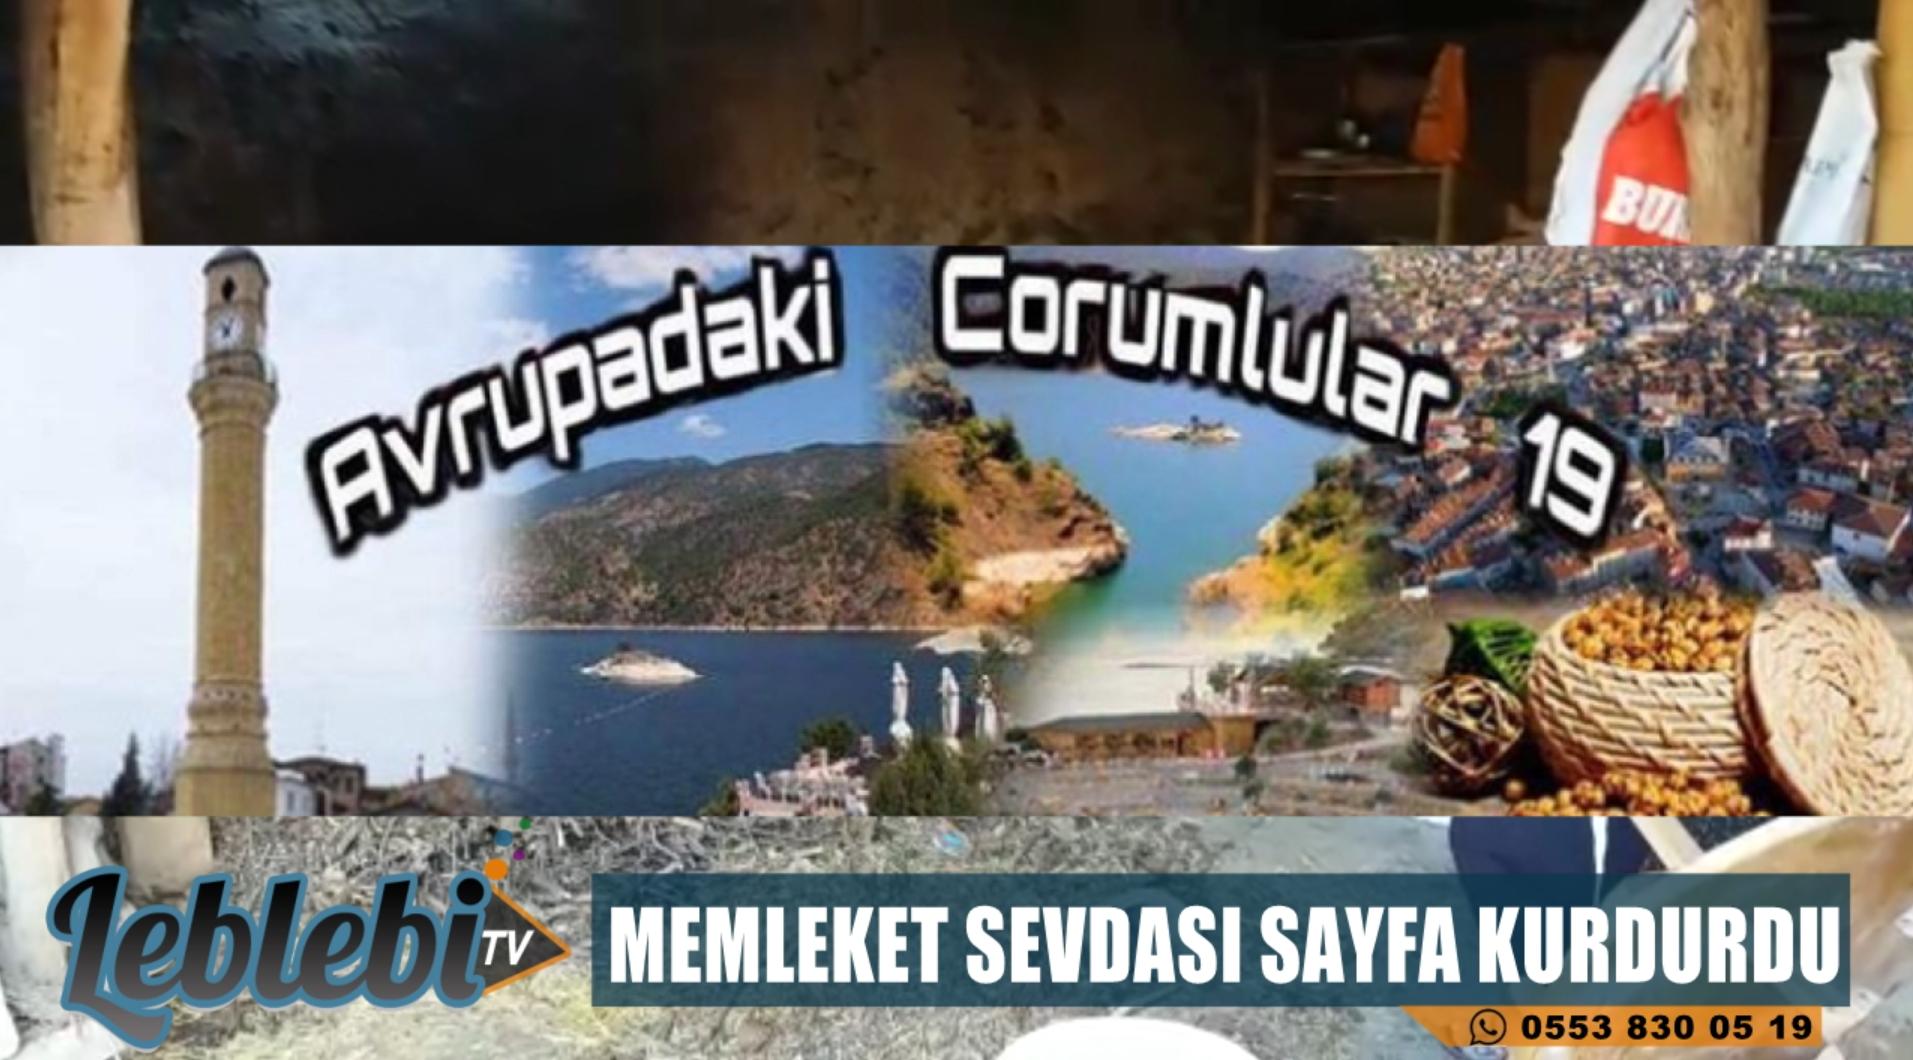 MEMLEKET SEVDASI SAYFA KURDURDU